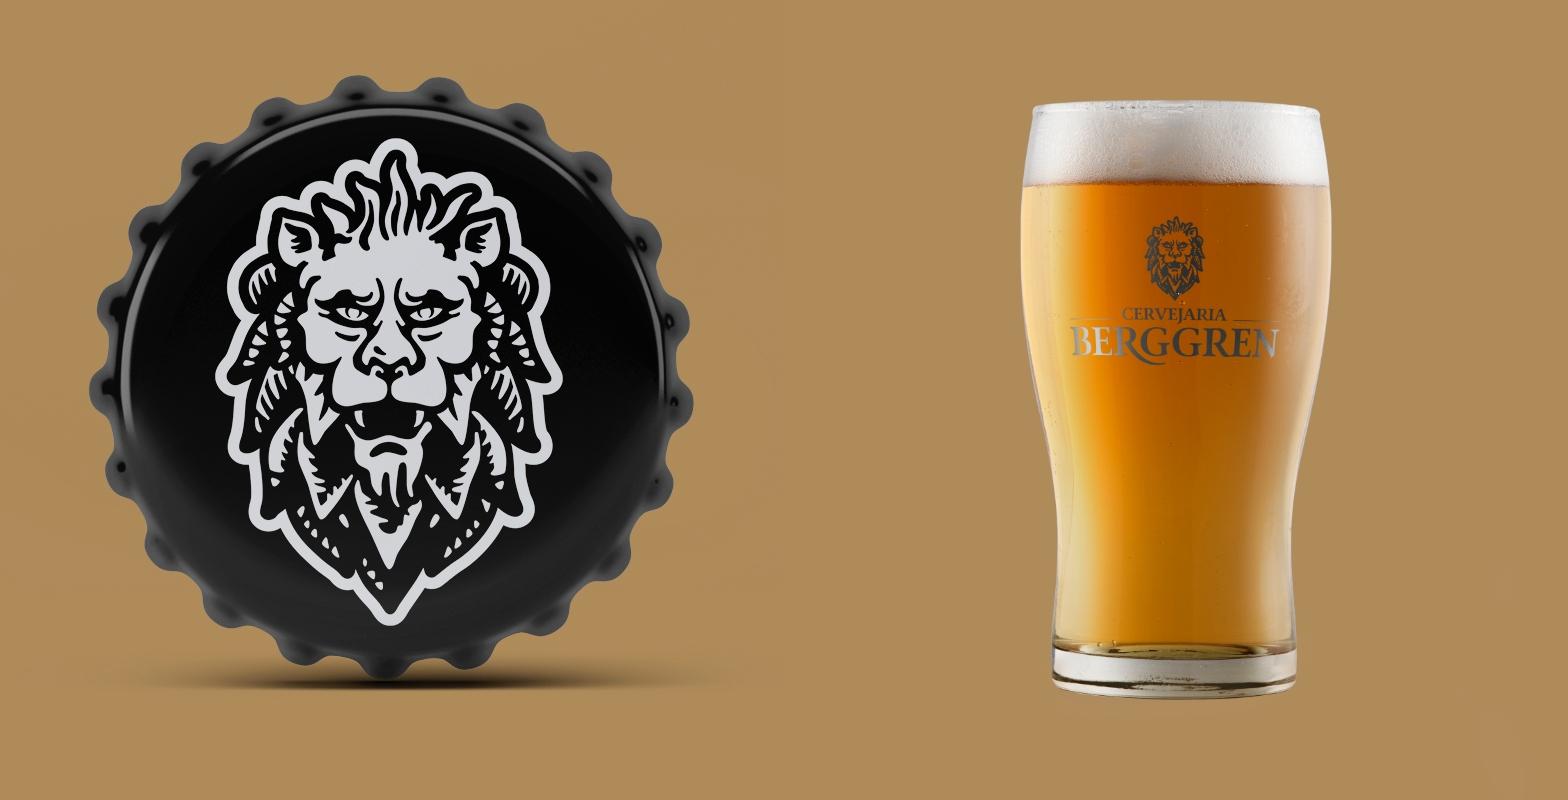 Berggren Bier - Identidade visual e Branding (2)